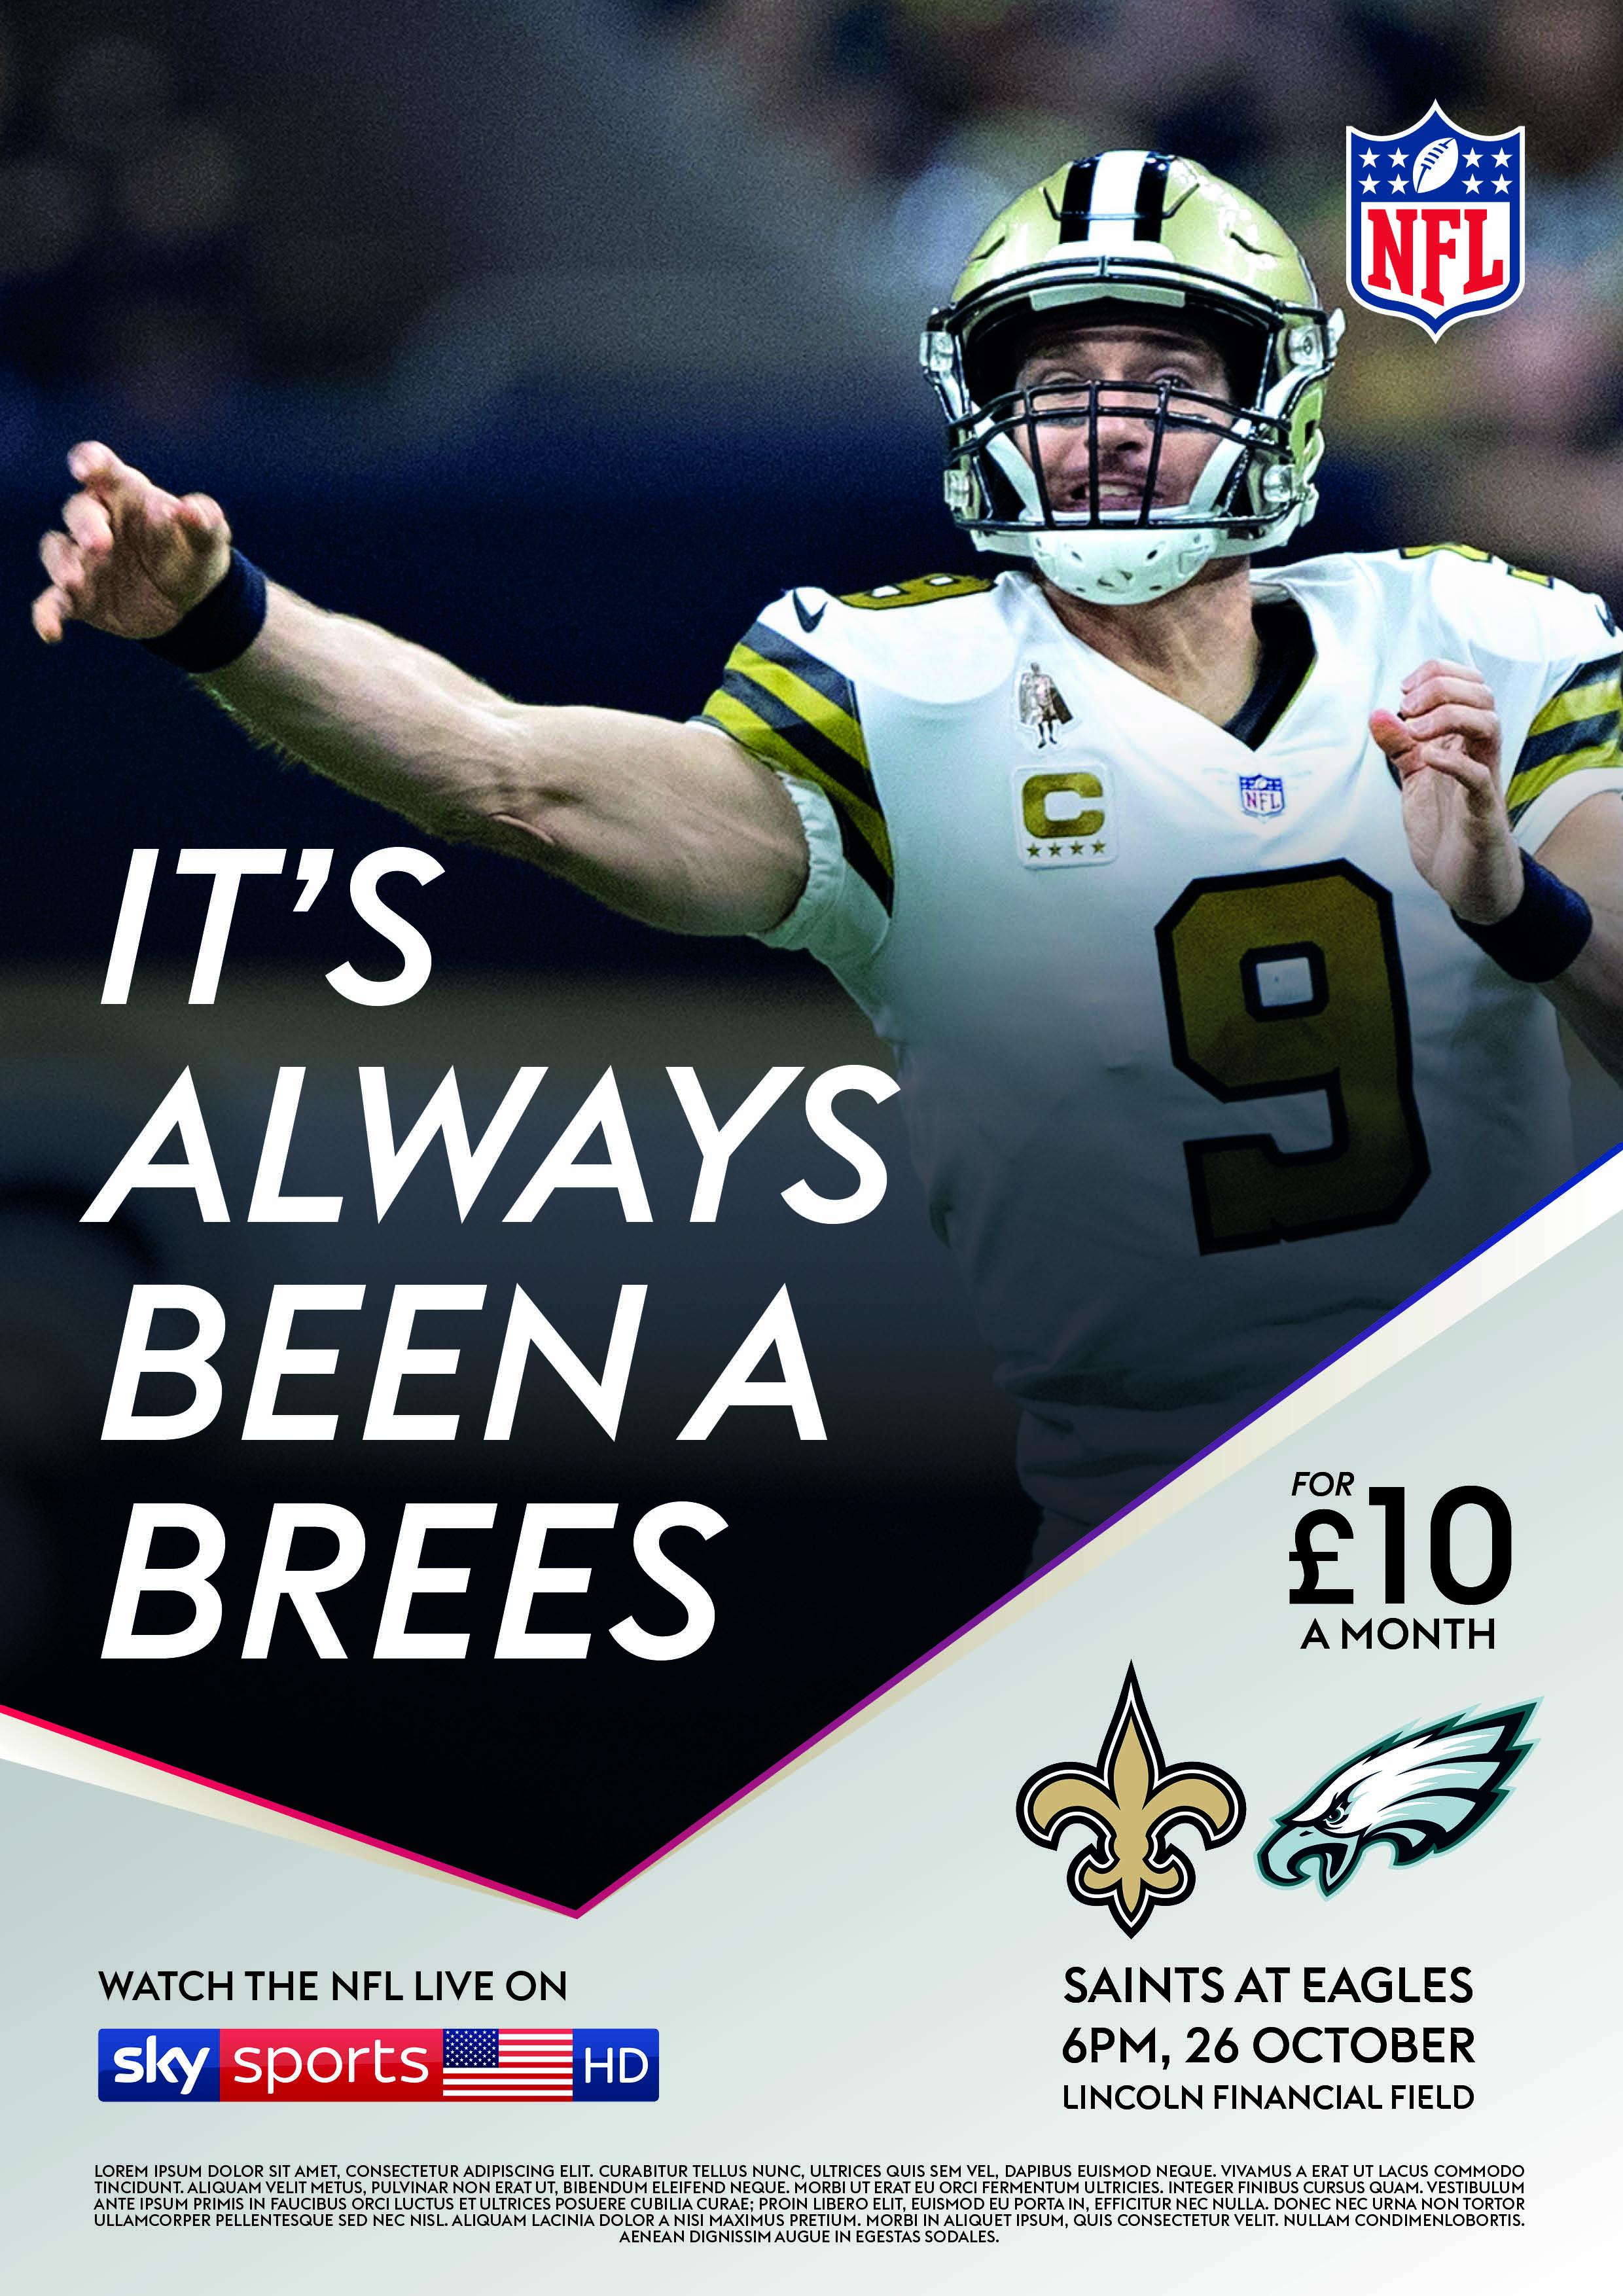 NFL-PRESS-R1.jpg